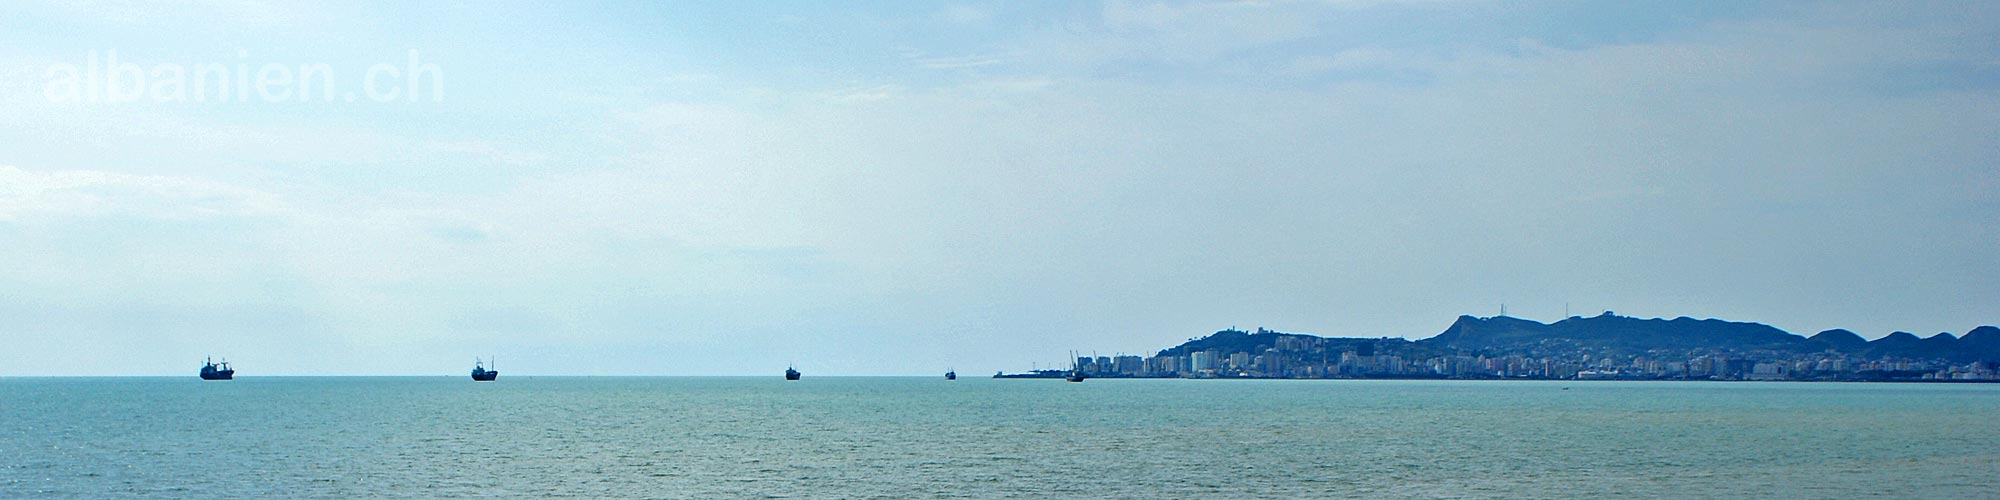 Durrës Panorama